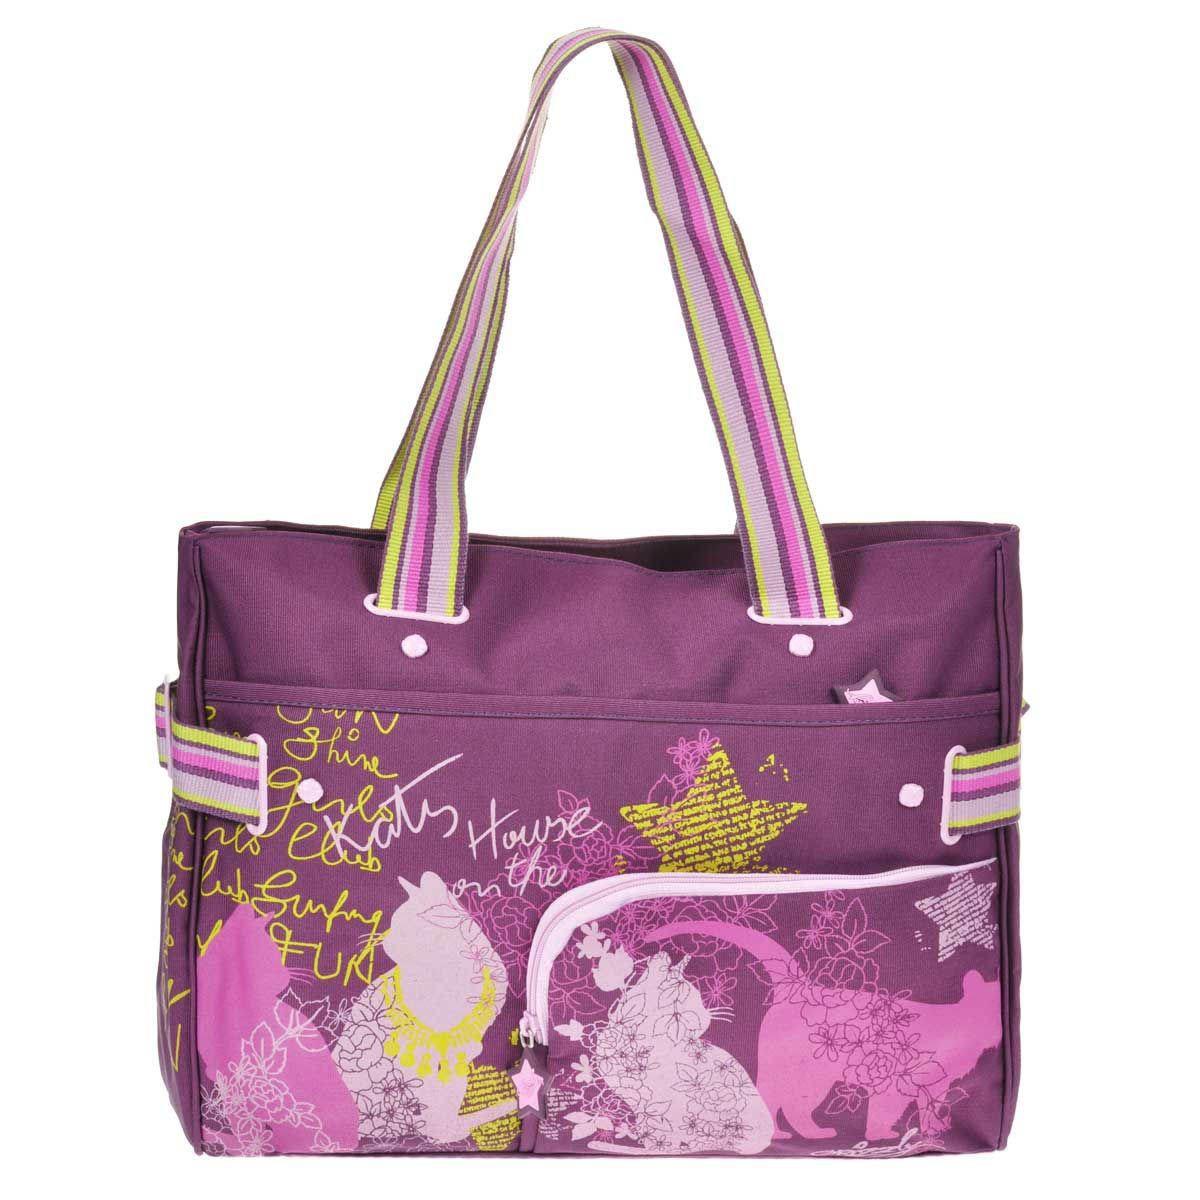 3600e232fde8 Брендовые сумки (118 фото): мужские, женские, известные бренды, фирменные,